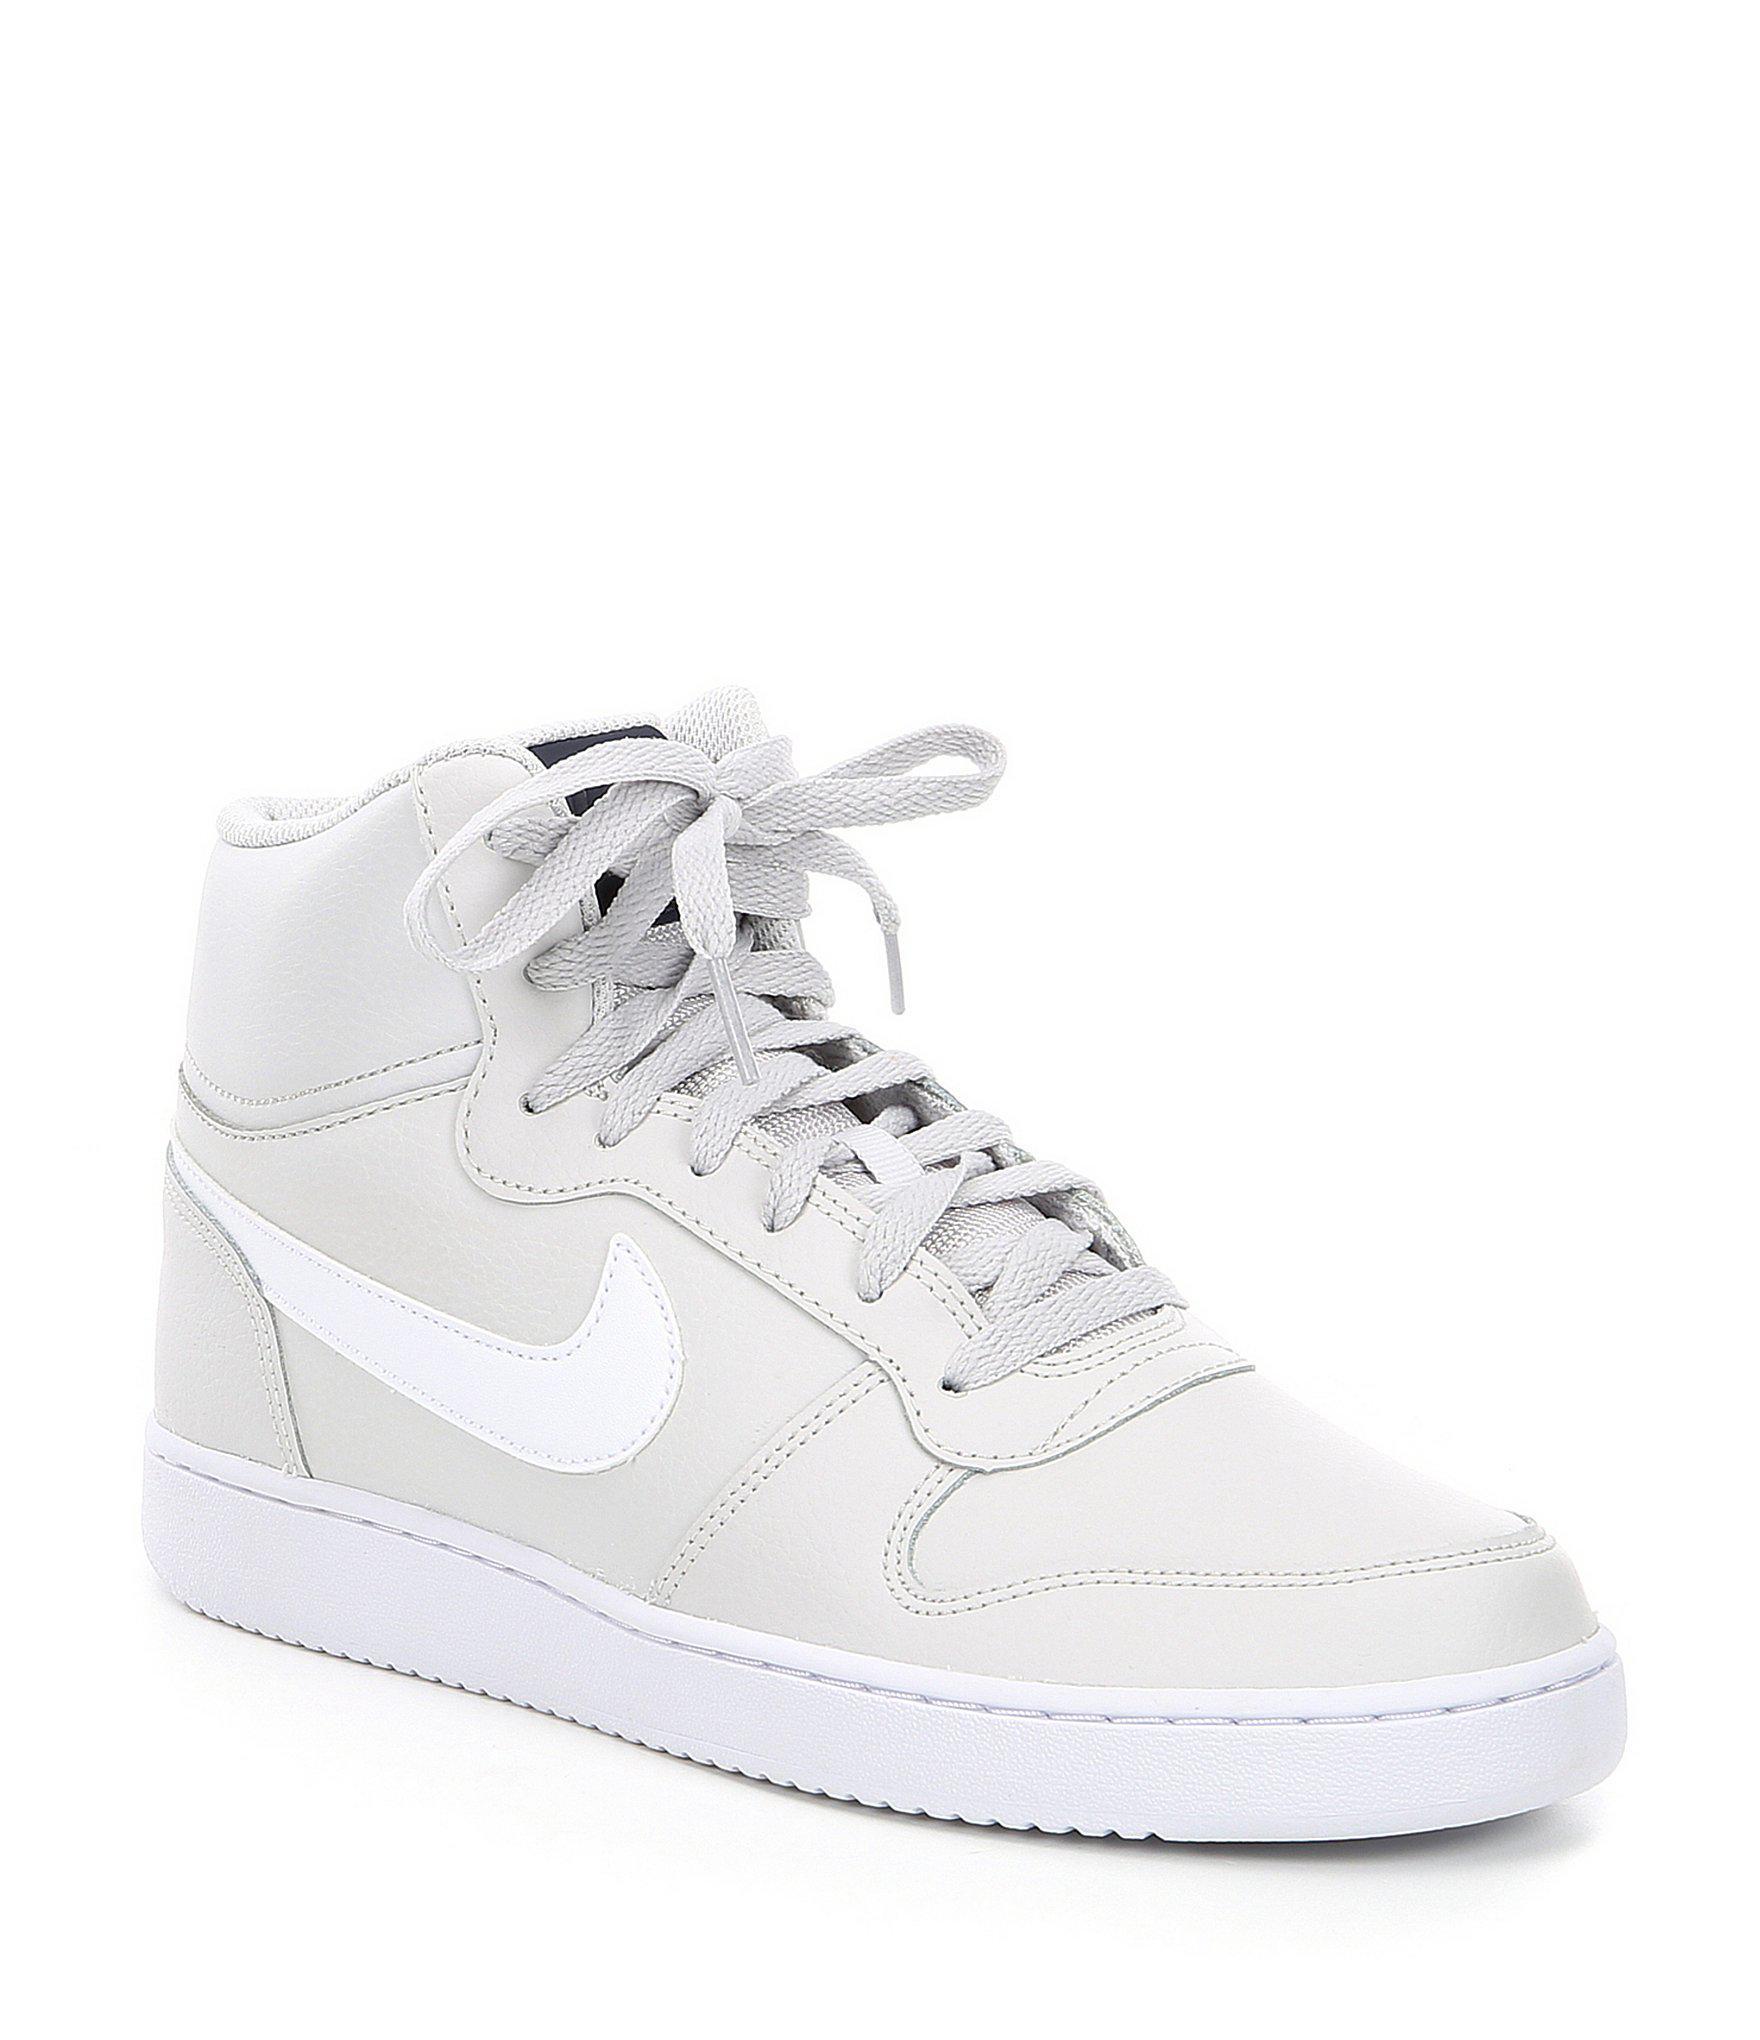 timeless design 5245e 79498 Nike Men s Ebernon High Top Sneaker in White for Men - Lyst